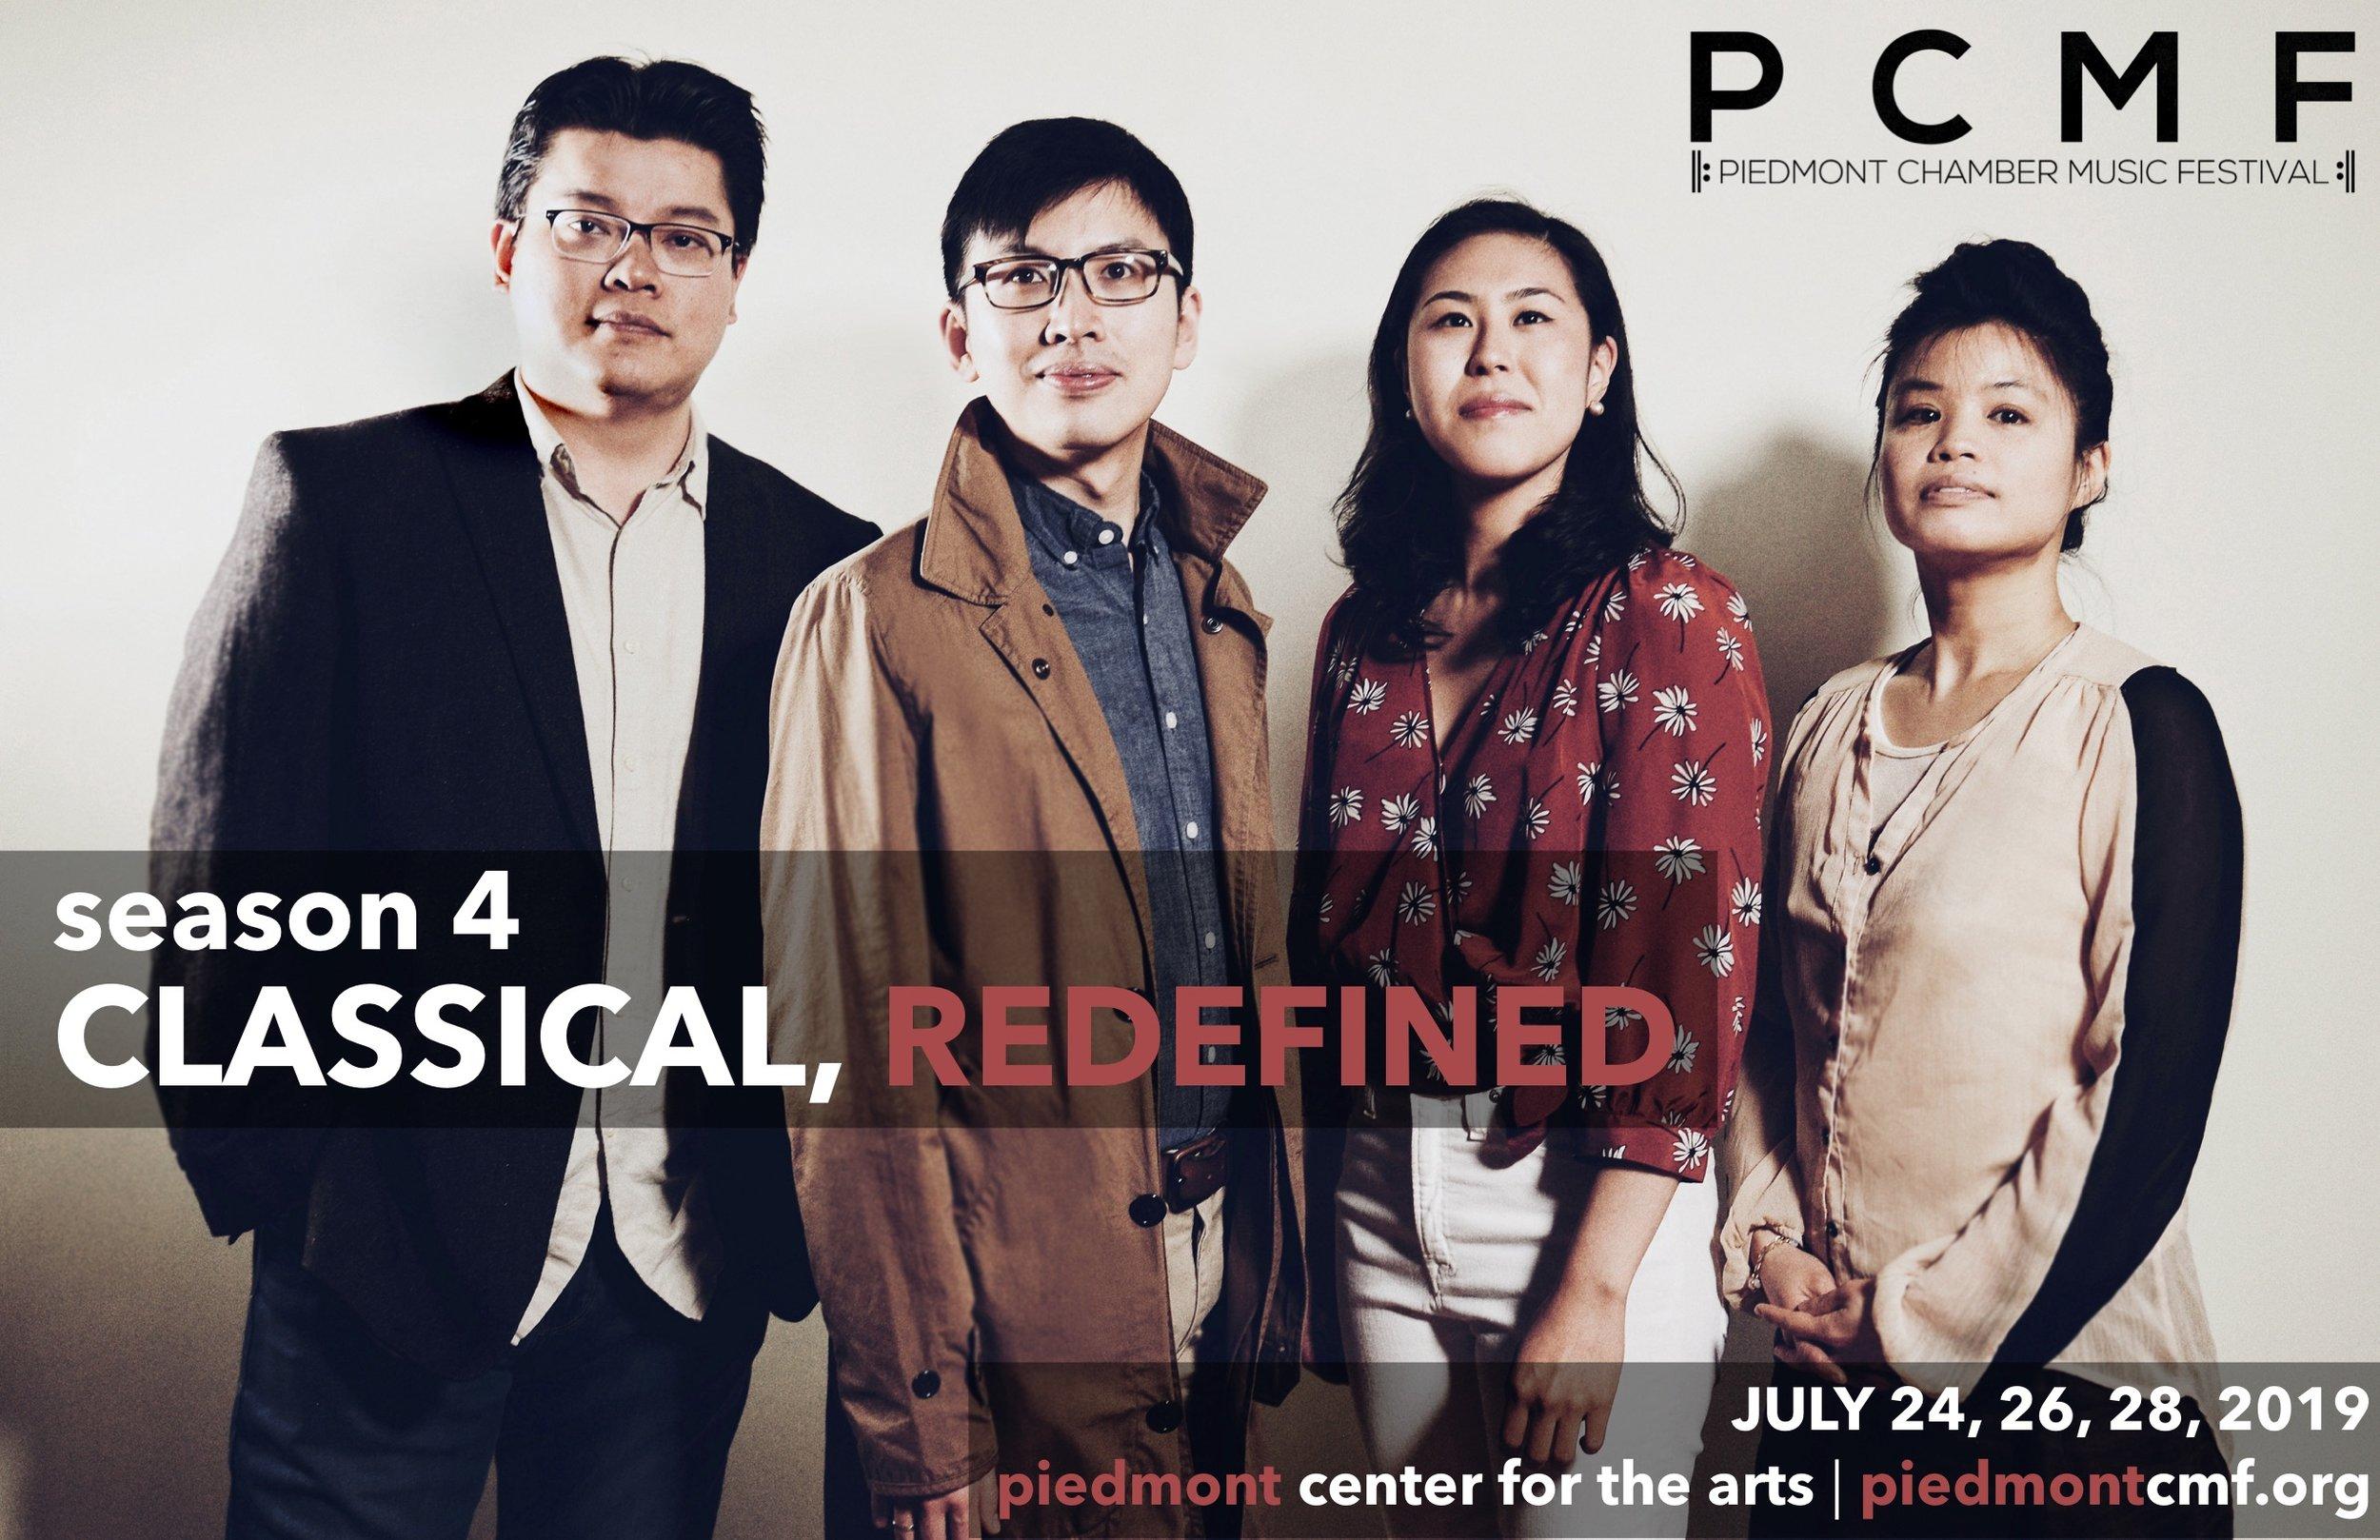 PCMF19 poster 1 (11x17).jpg